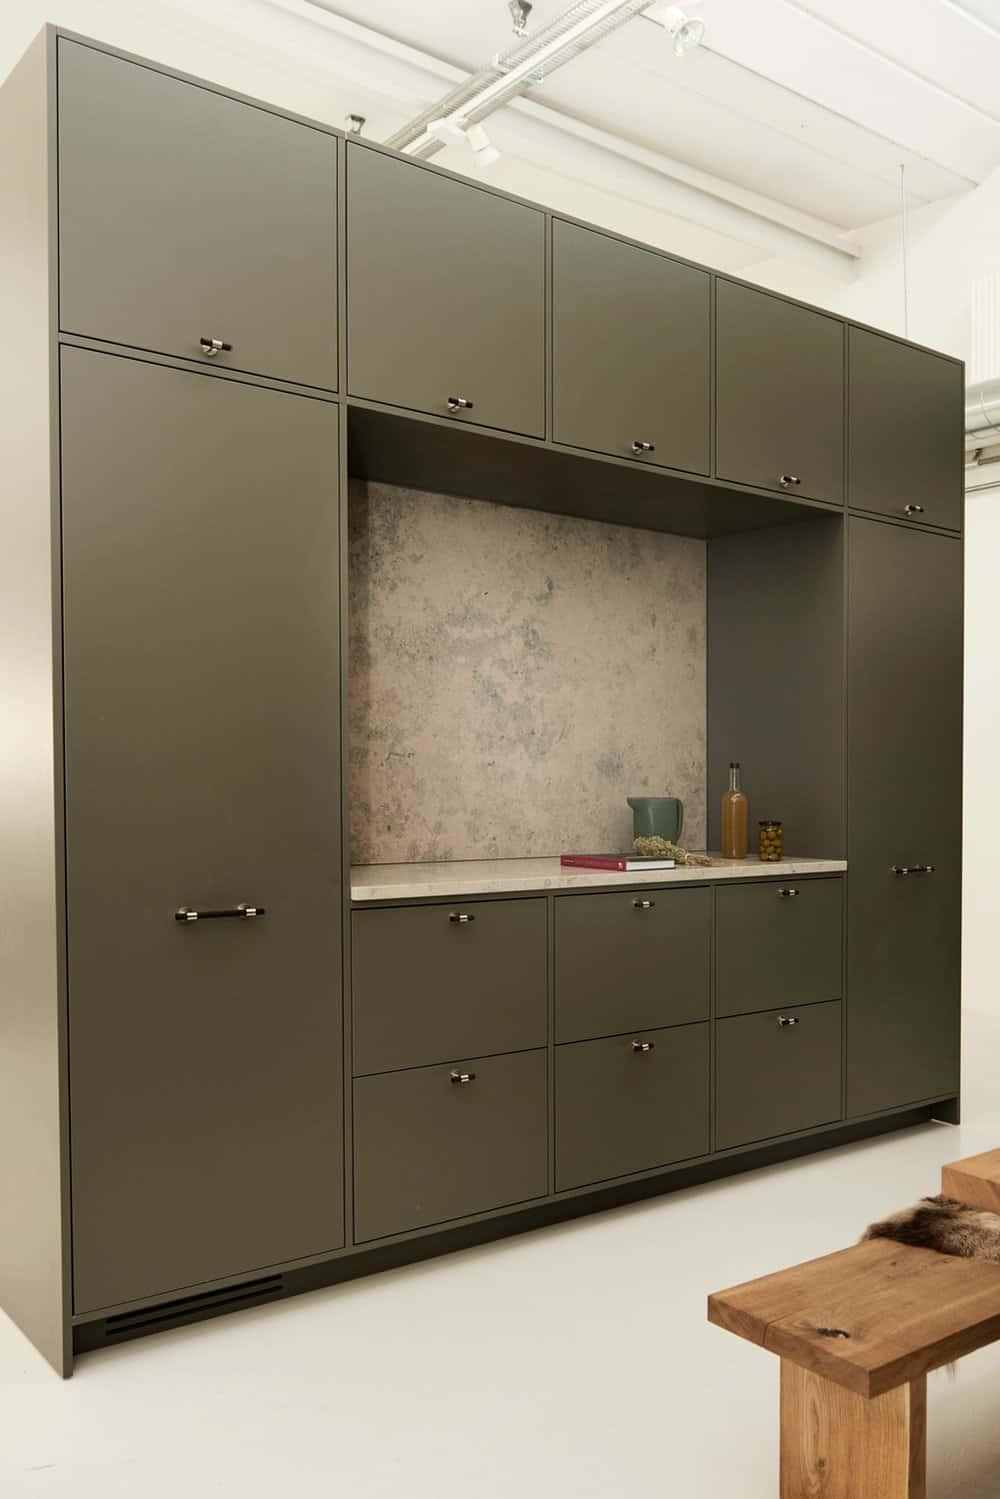 Handcrafted_interior_kitchen_clean_DSC5284aa_web_1.jpg